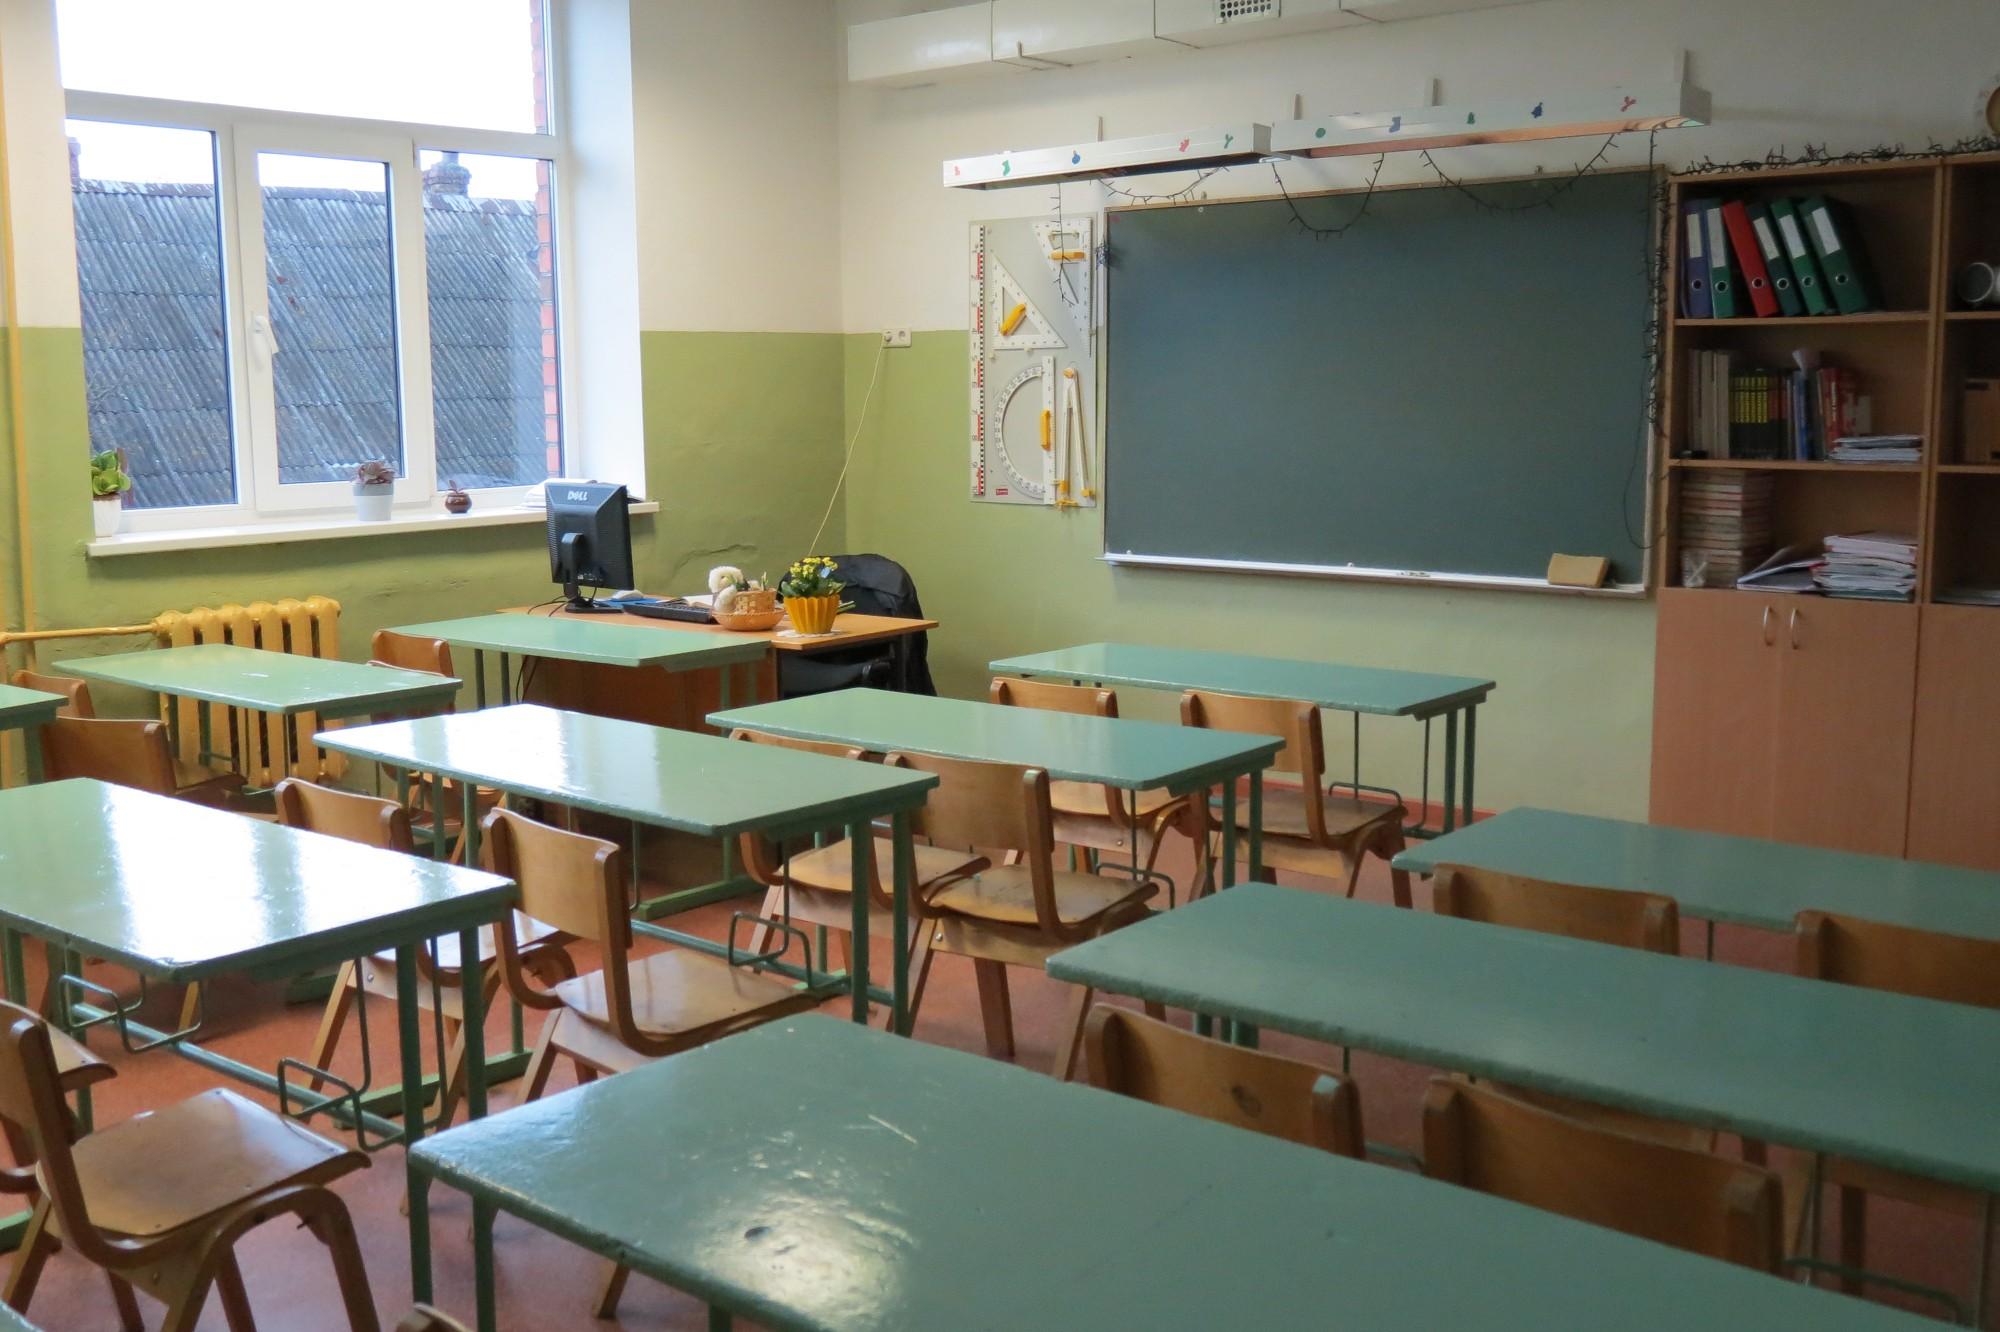 Pētnieki iesaka Liepājā attīstīt ģimnāziju un piecas vidusskolas